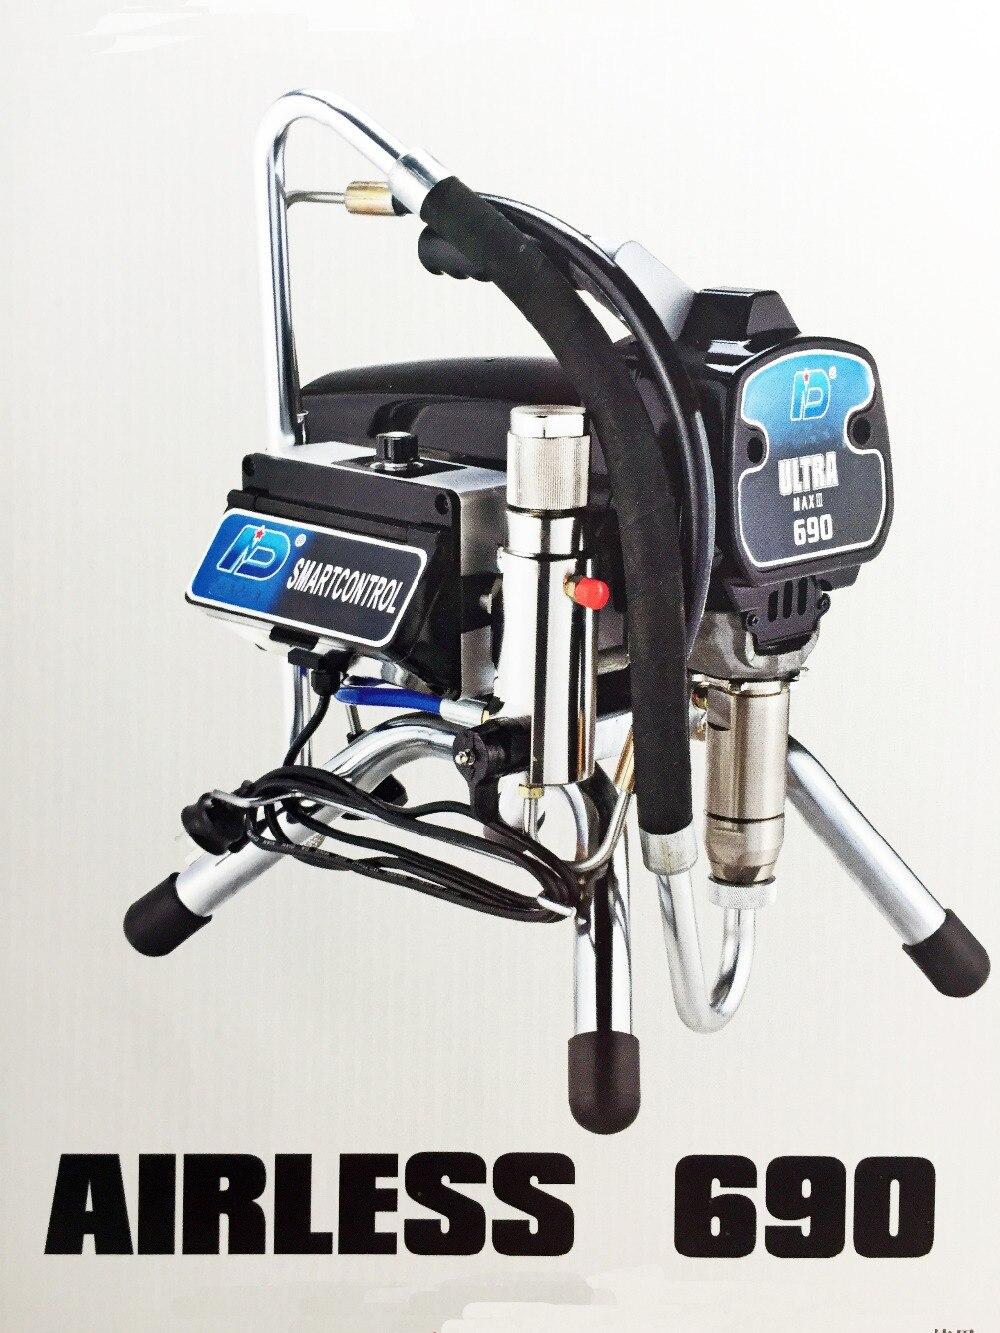 Elétrica da Pintura do Pistão do Pulverizador da Pintura de Profesional 690 com Motor sem Escova Máquina Ventilada Ultra Mal